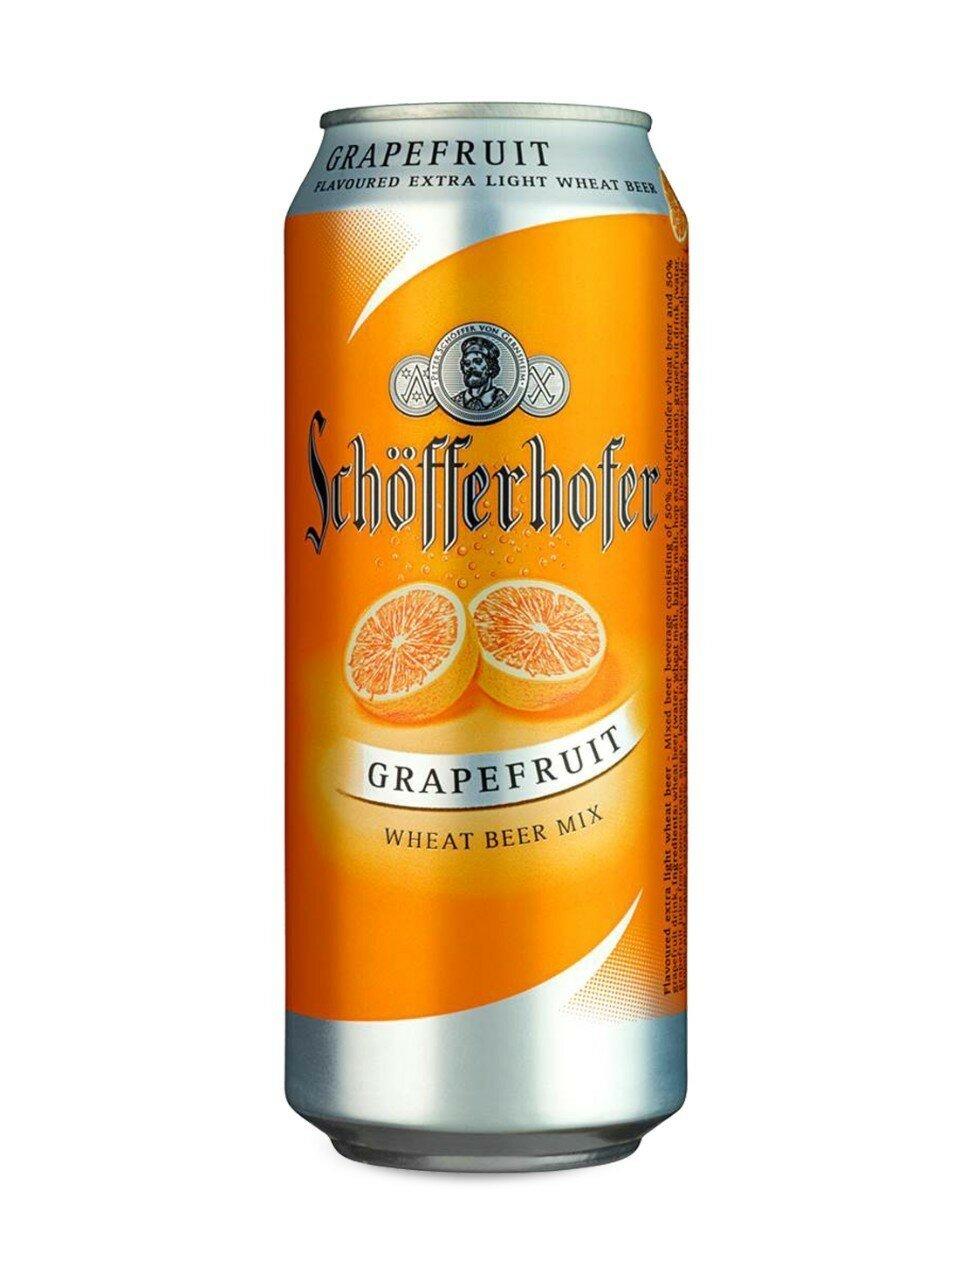 Schofferhofer Grapefruit 500ml CAN CTN